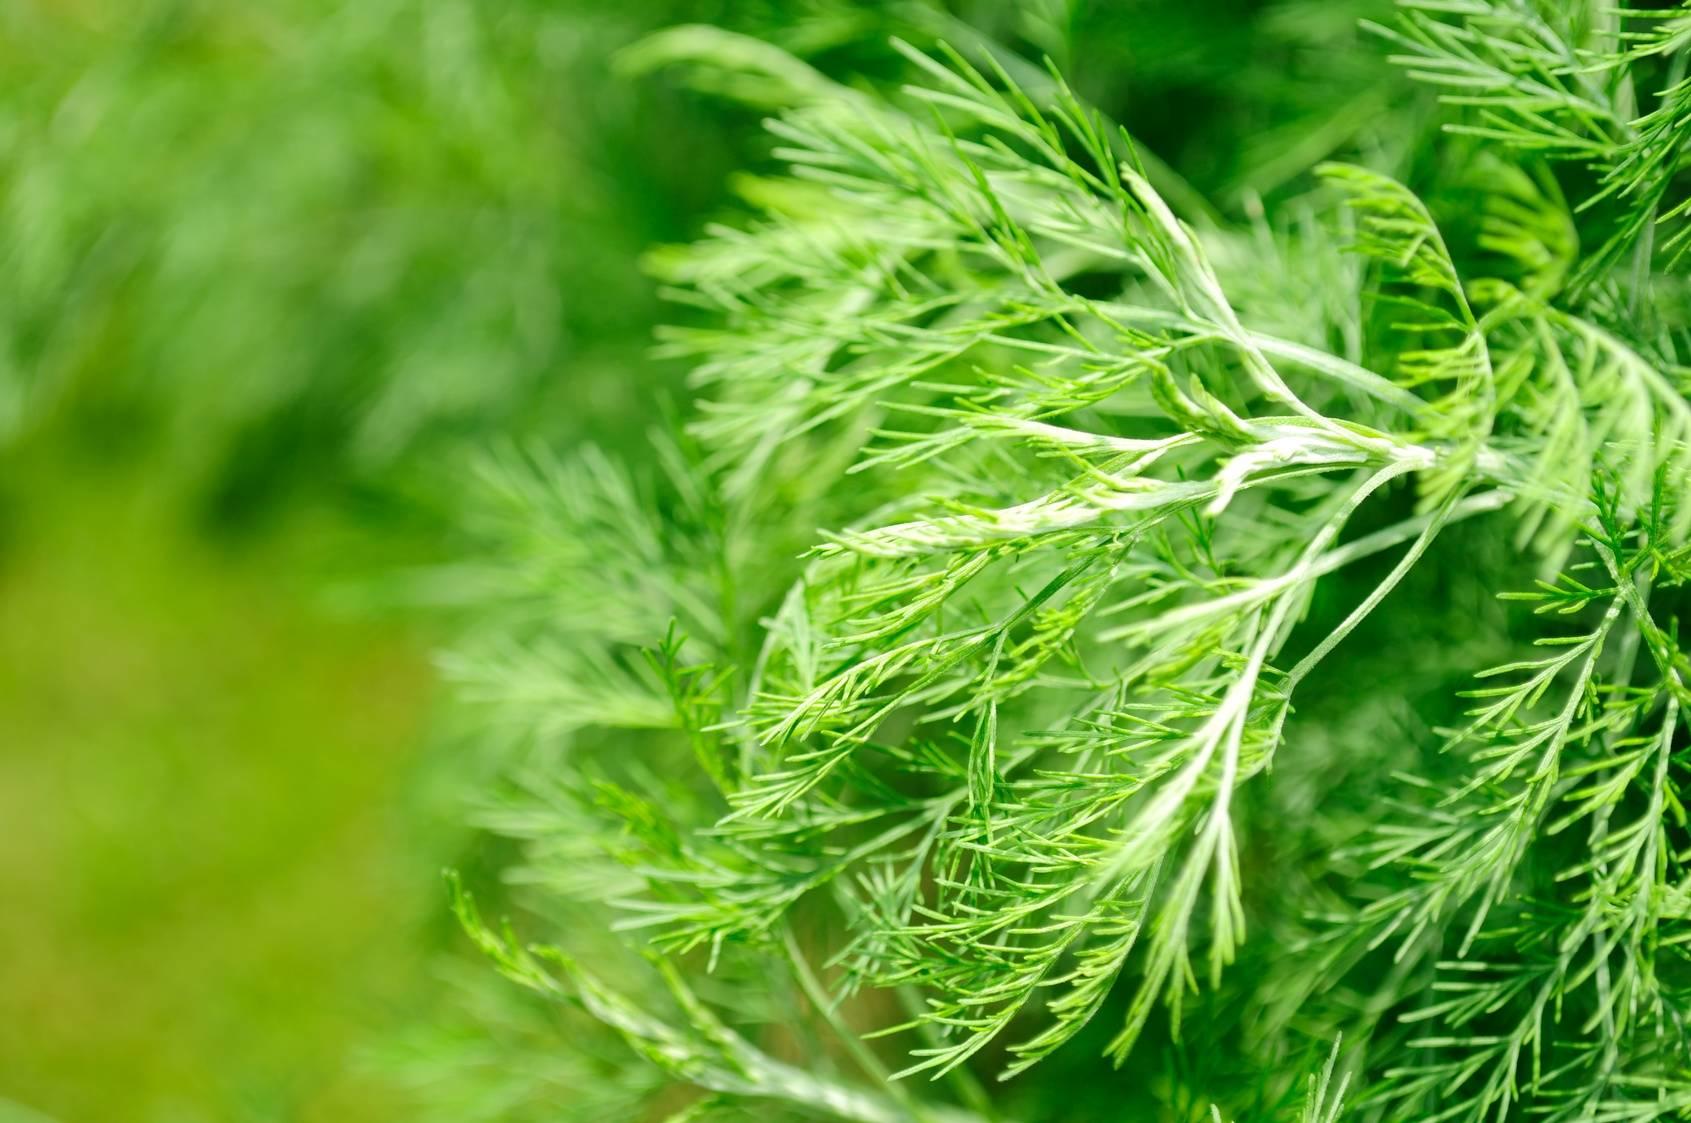 Bylica boże drzewko - najlepsze zioła na trawienie.